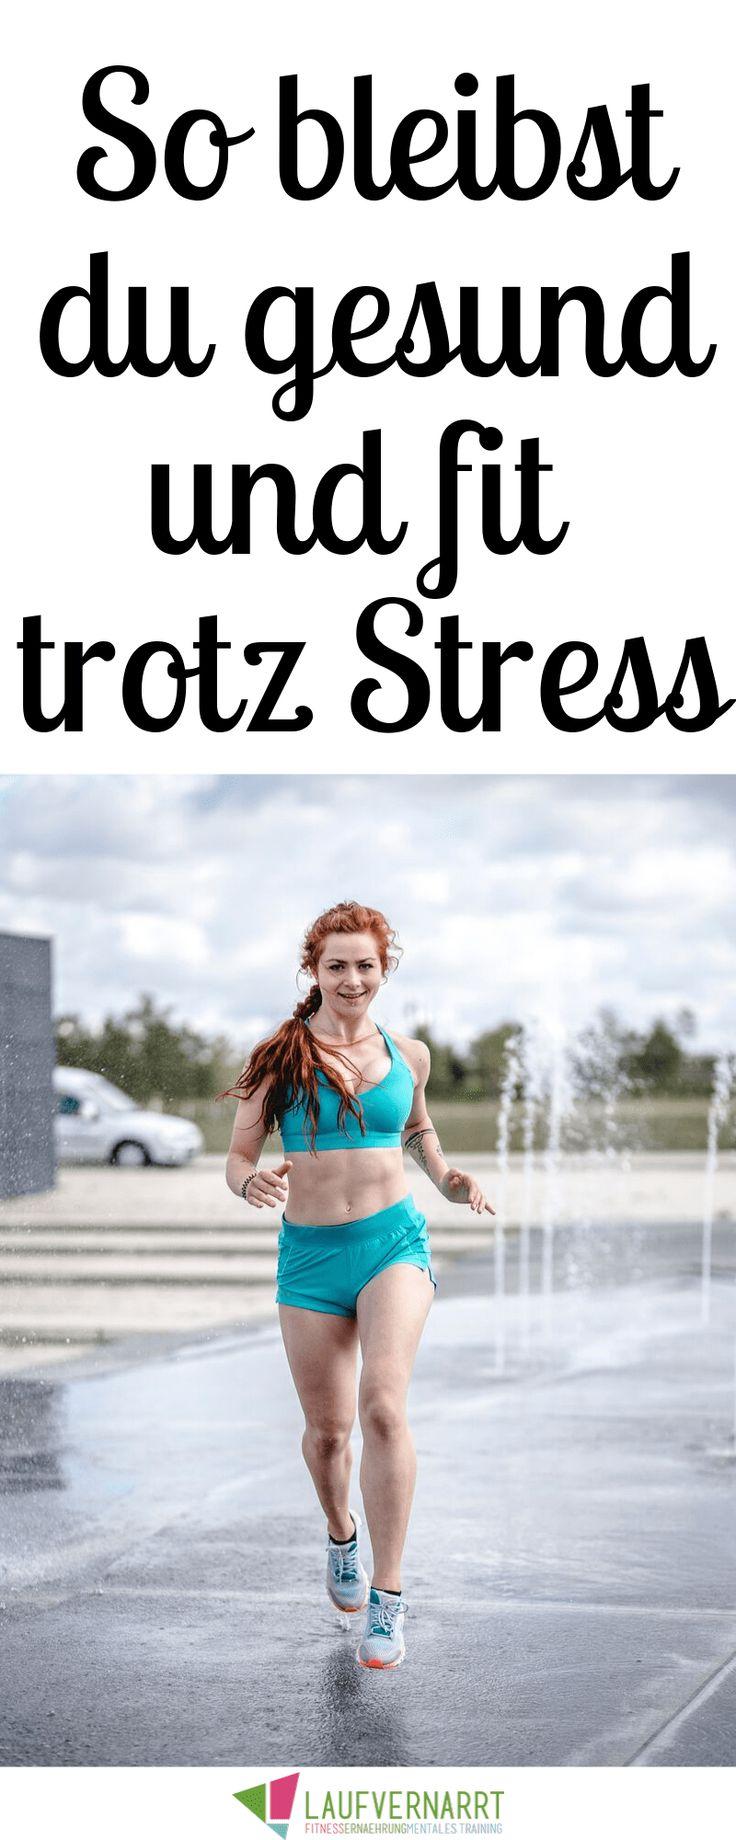 Gesund & fit bleiben in stressigen Phasen – Die besten Tipps – Laufvernarrt – Fitness, gesunde Ernährung und Selbstliebe